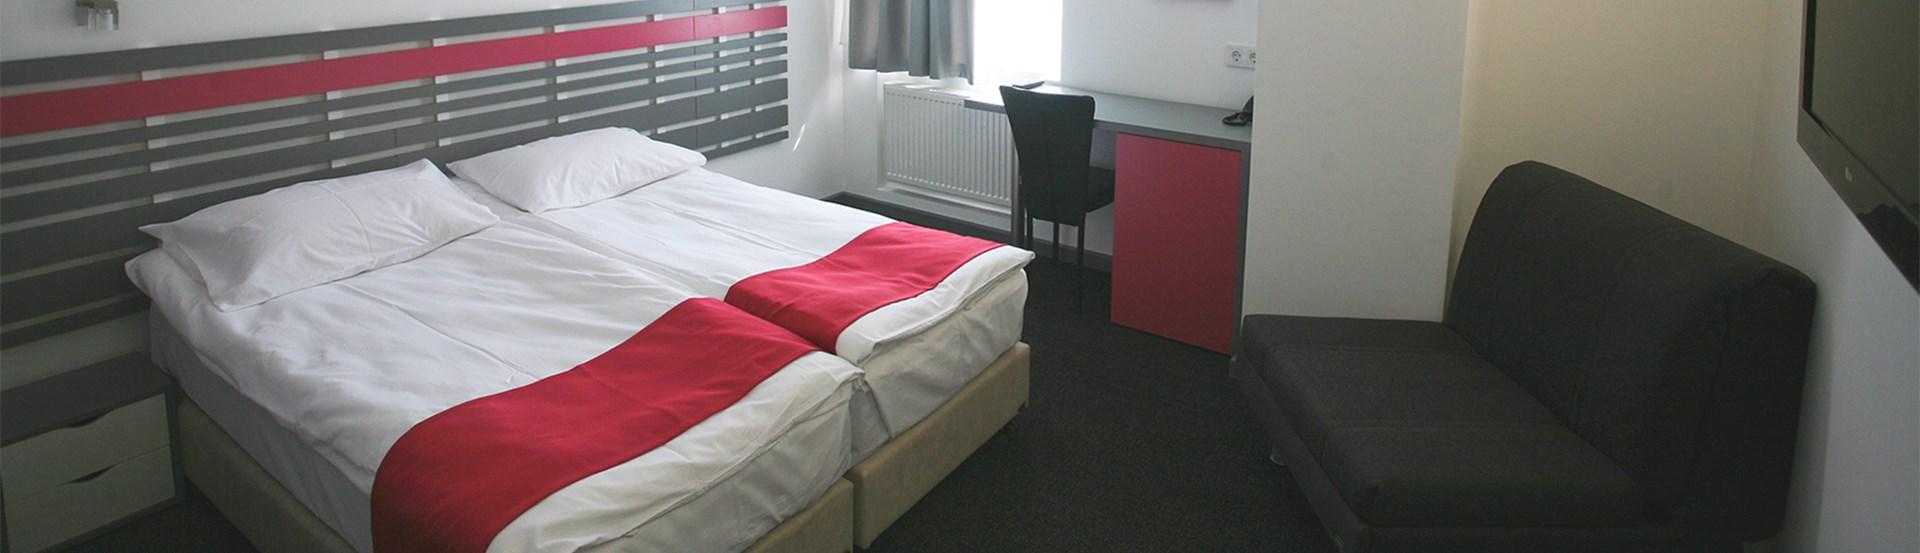 Амарант Готель  кімната